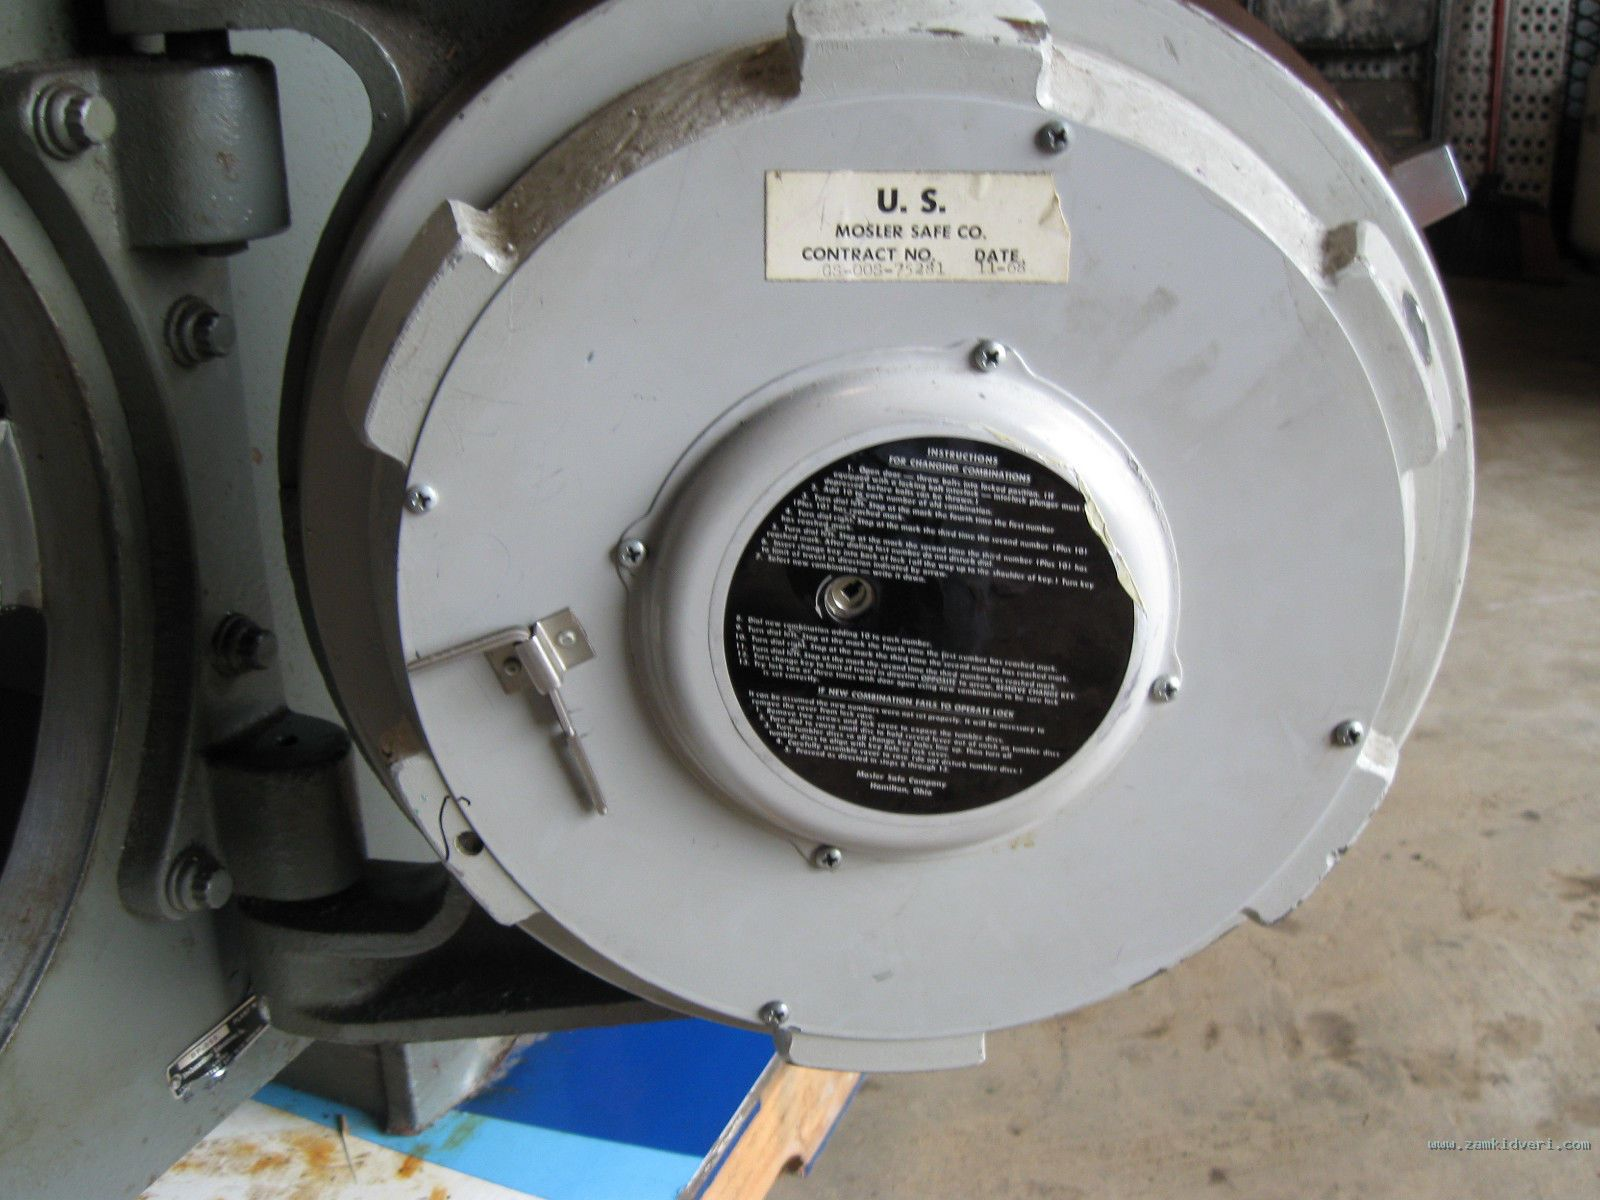 s l1600 (2)